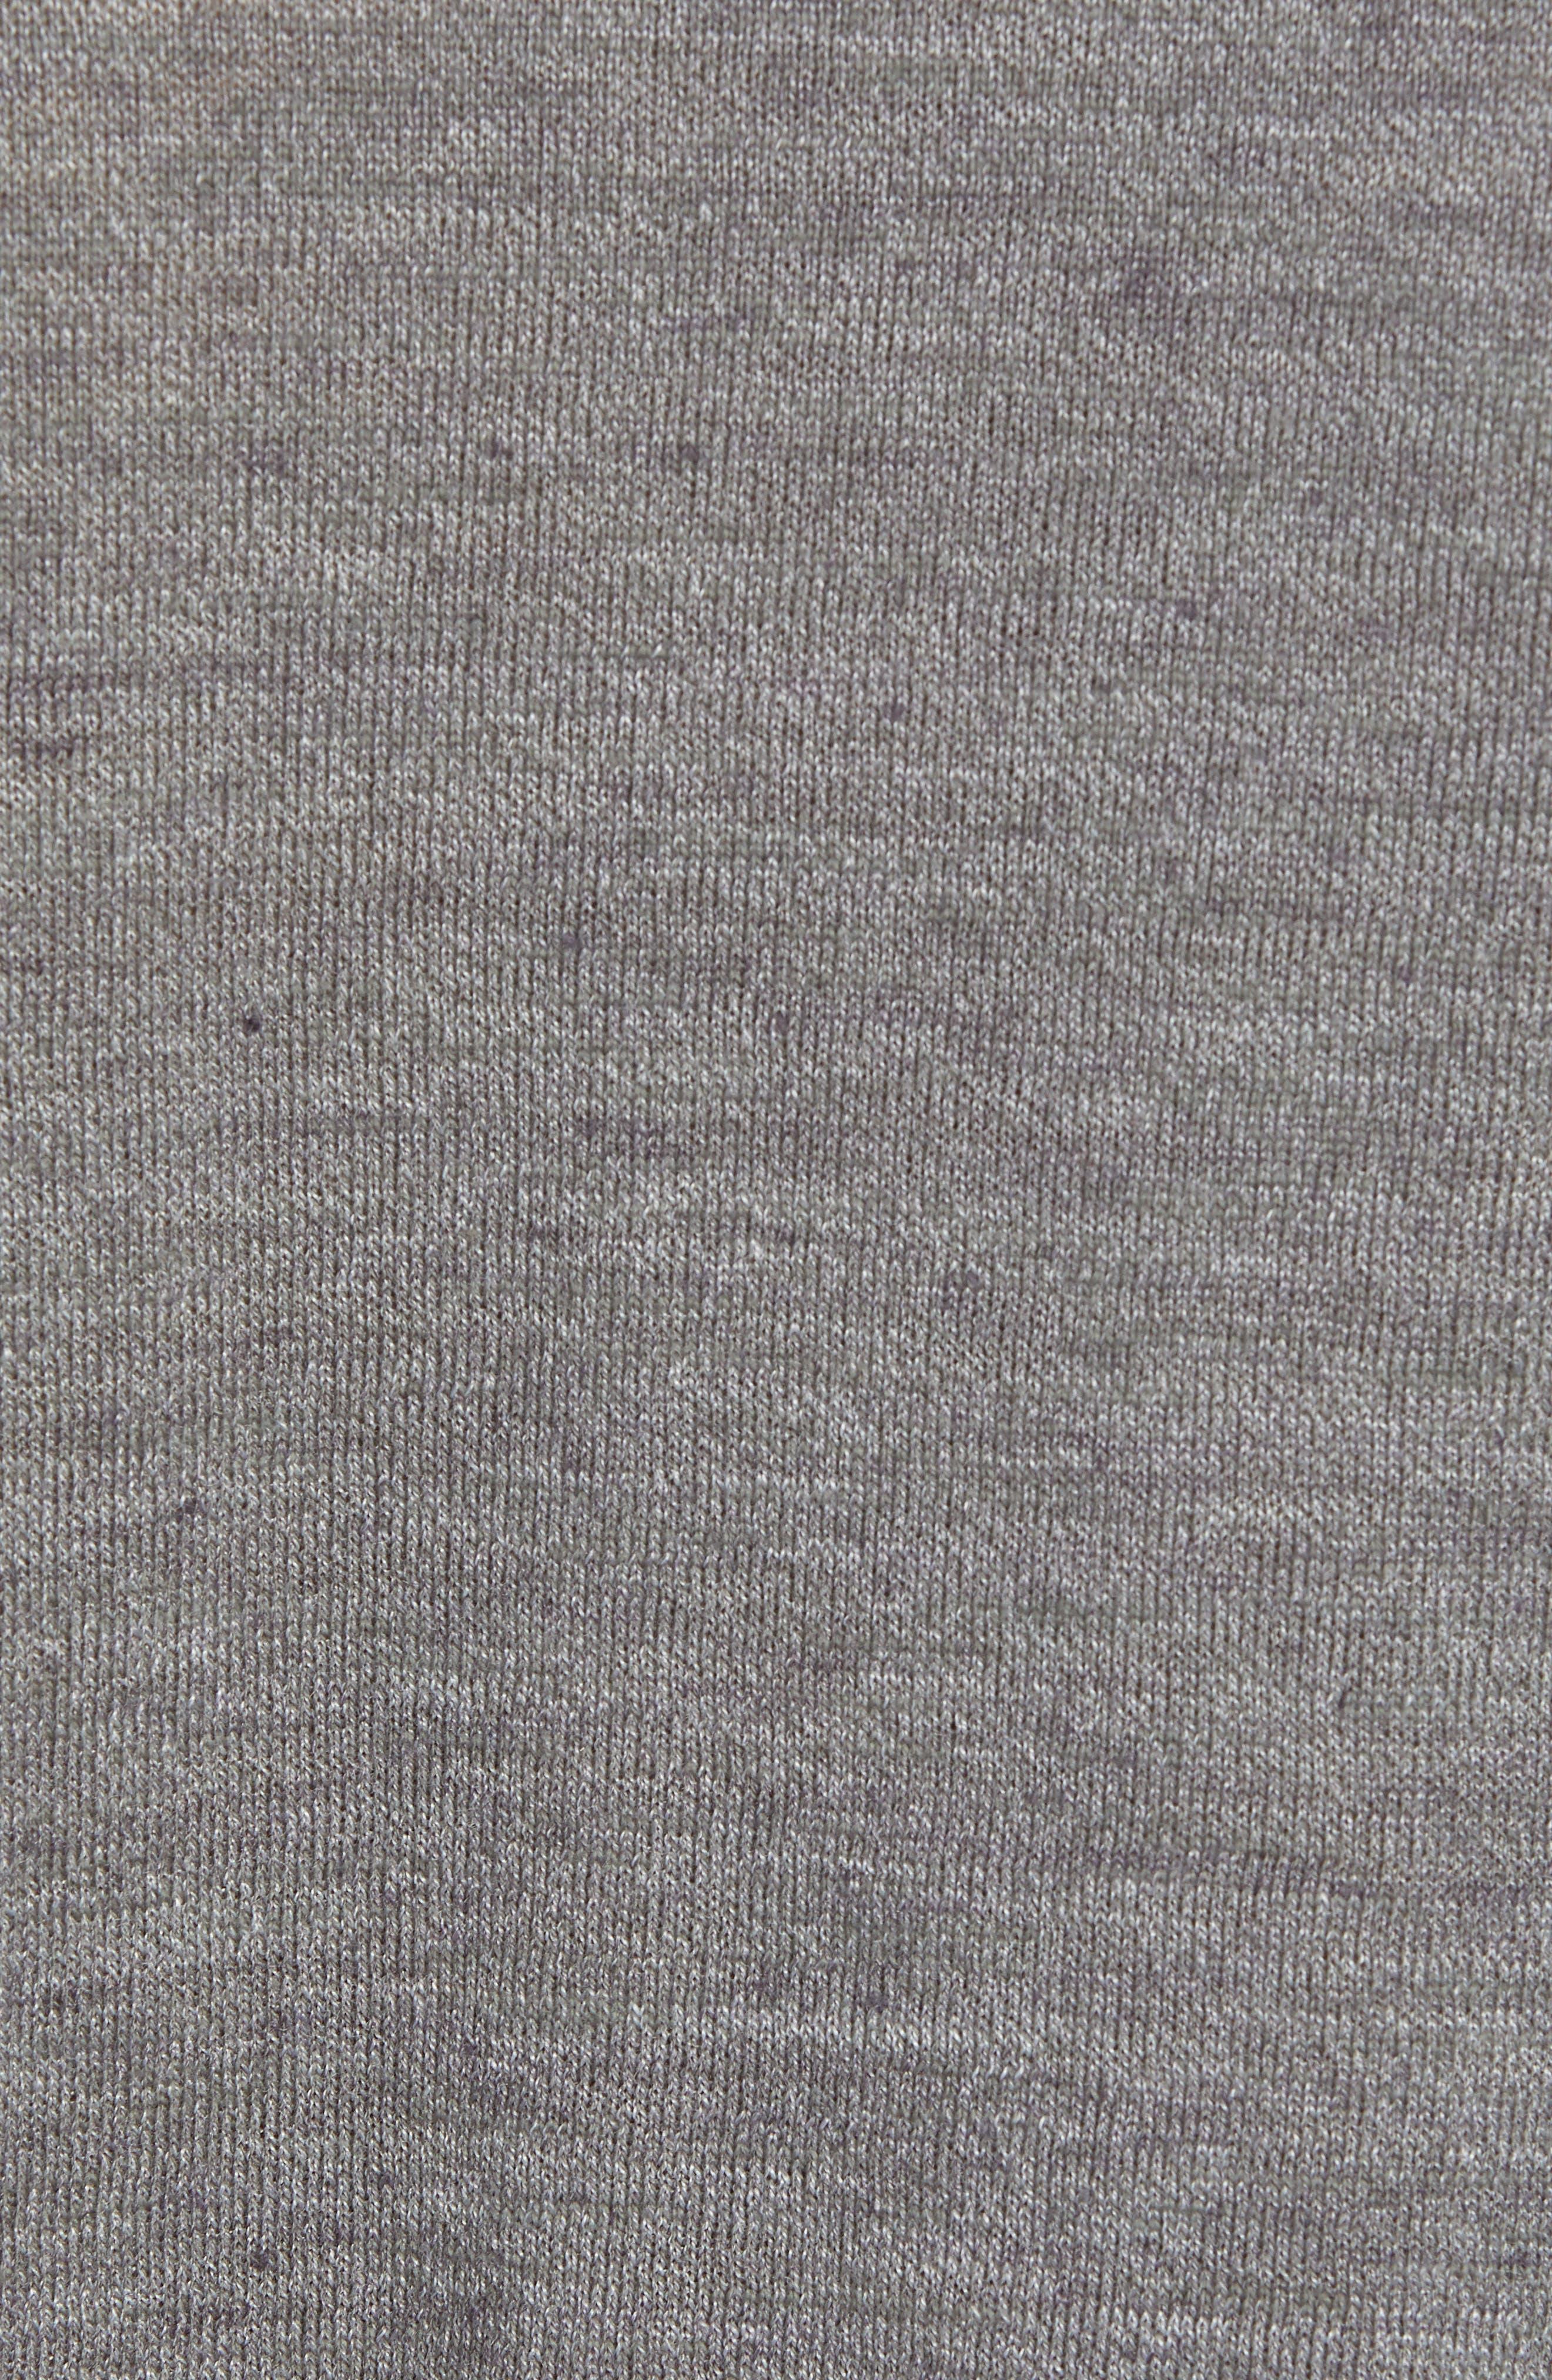 Cotton Blend Crewneck Sweater,                             Alternate thumbnail 5, color,                             022